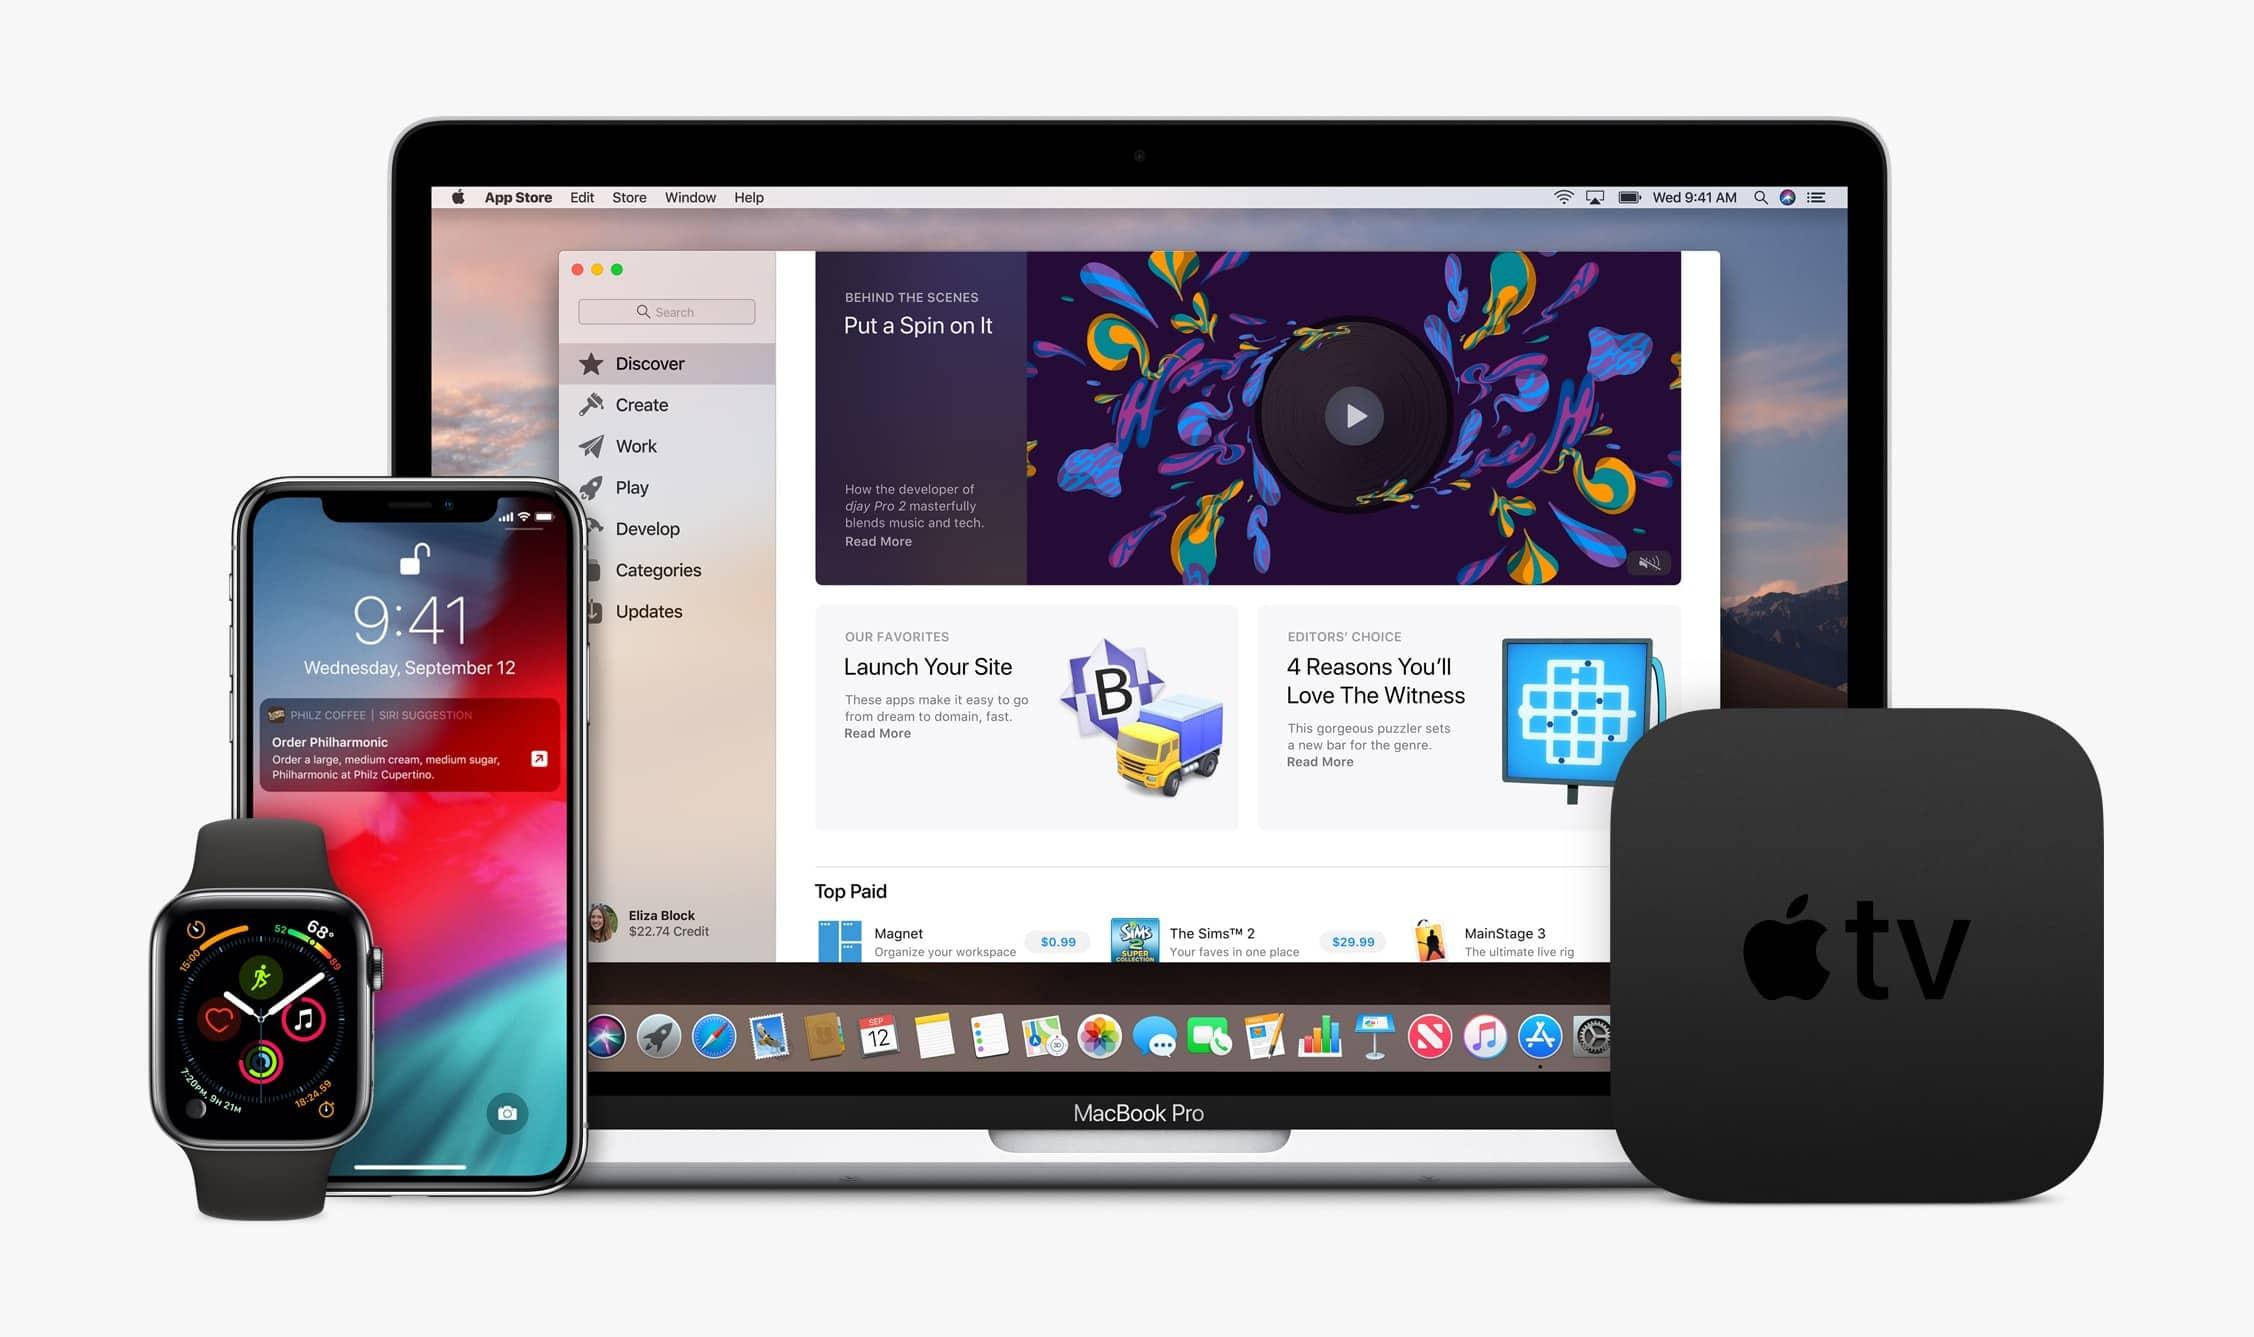 Plataformas Apple - Apple Watch, iPhone, MacBook Pro e Apple TV